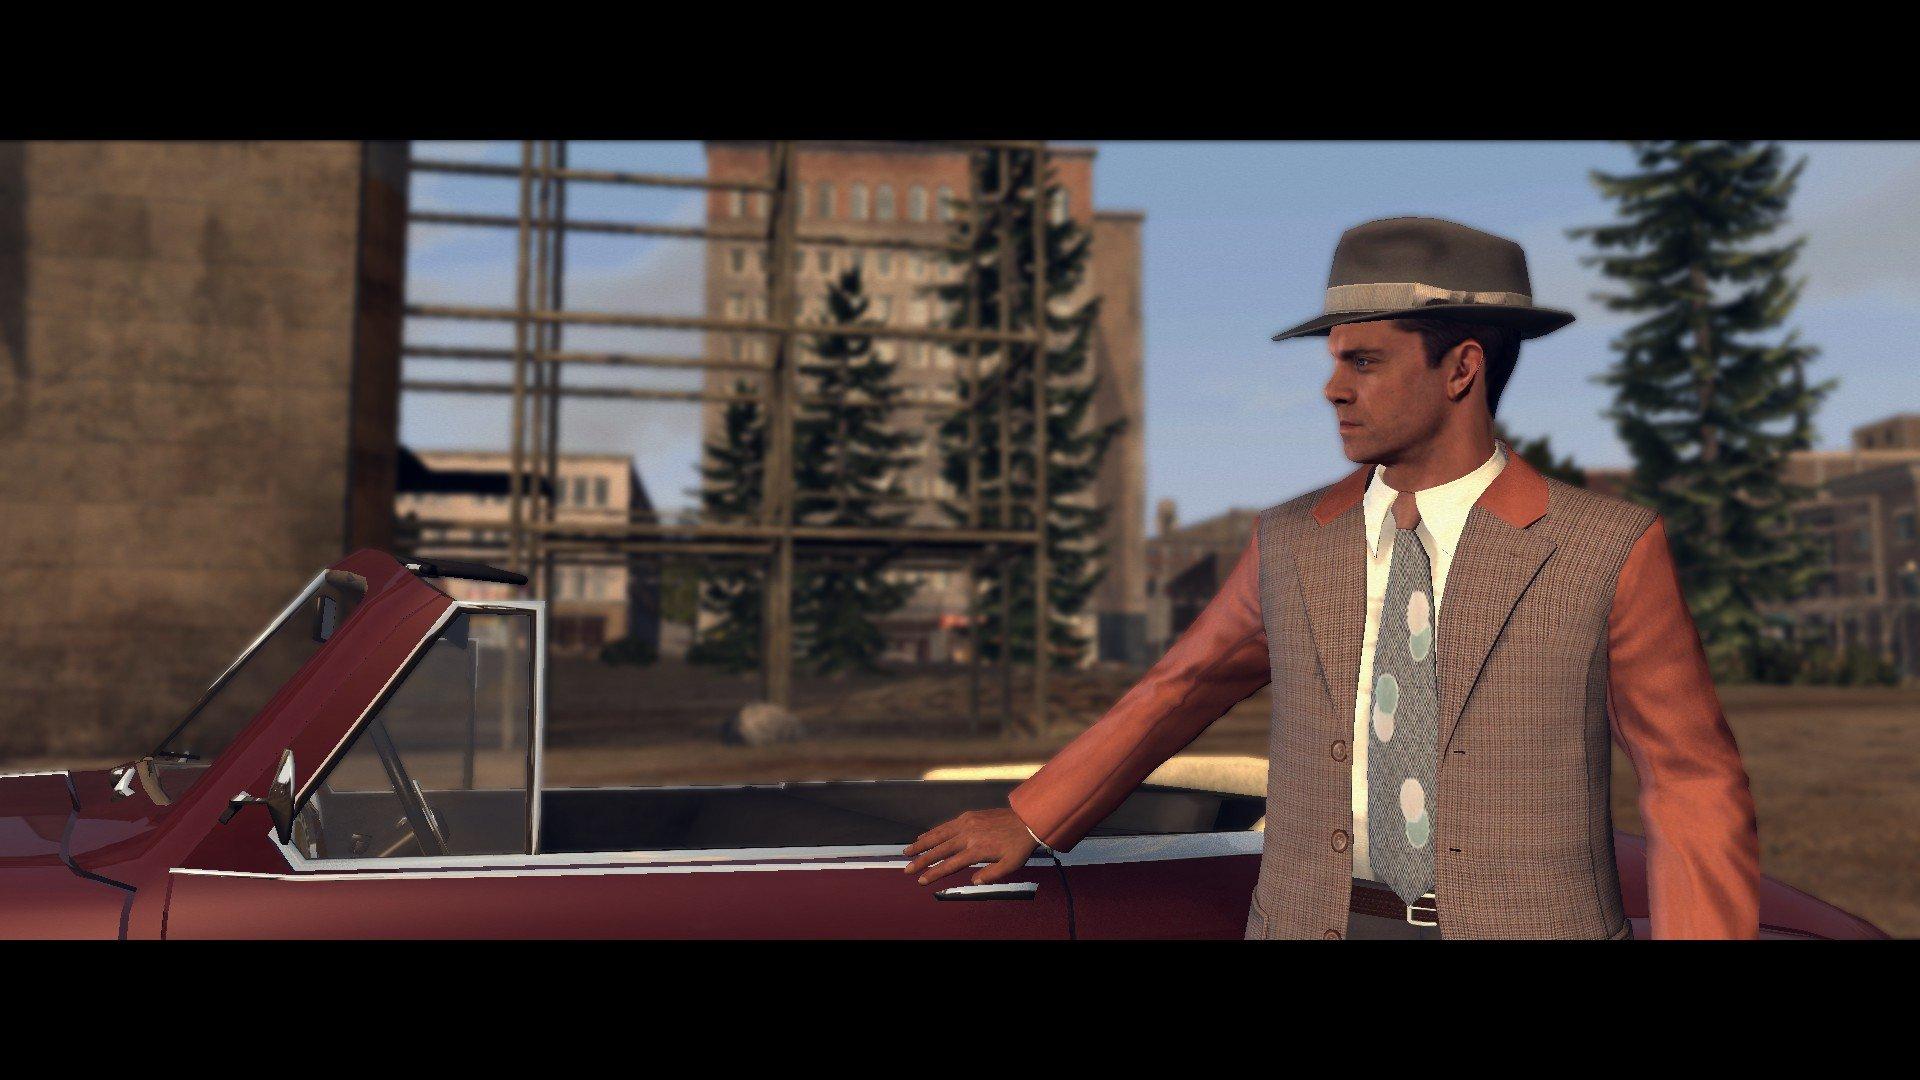 Пост-прохождение L.A. Noire Часть 5 - Изображение 53